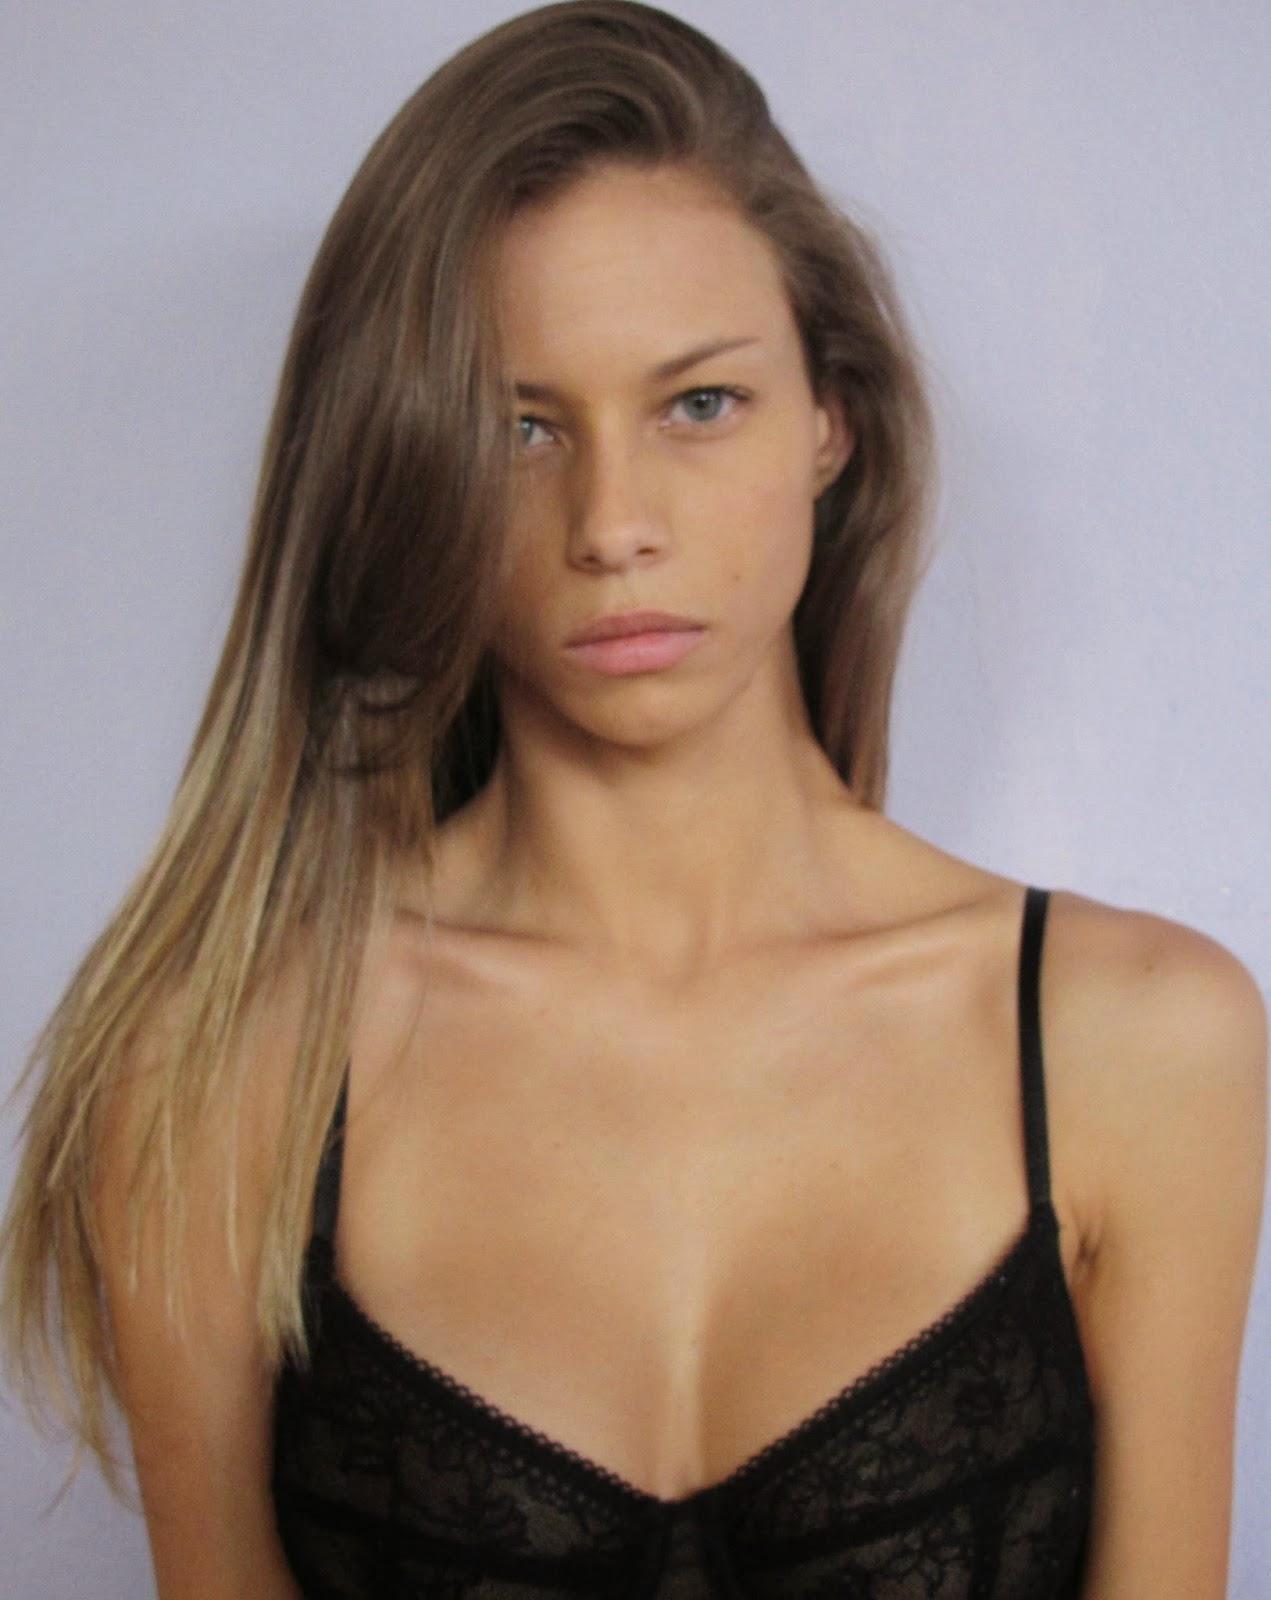 Pics Janaina Reis nudes (51 photo), Ass, Hot, Twitter, butt 2020